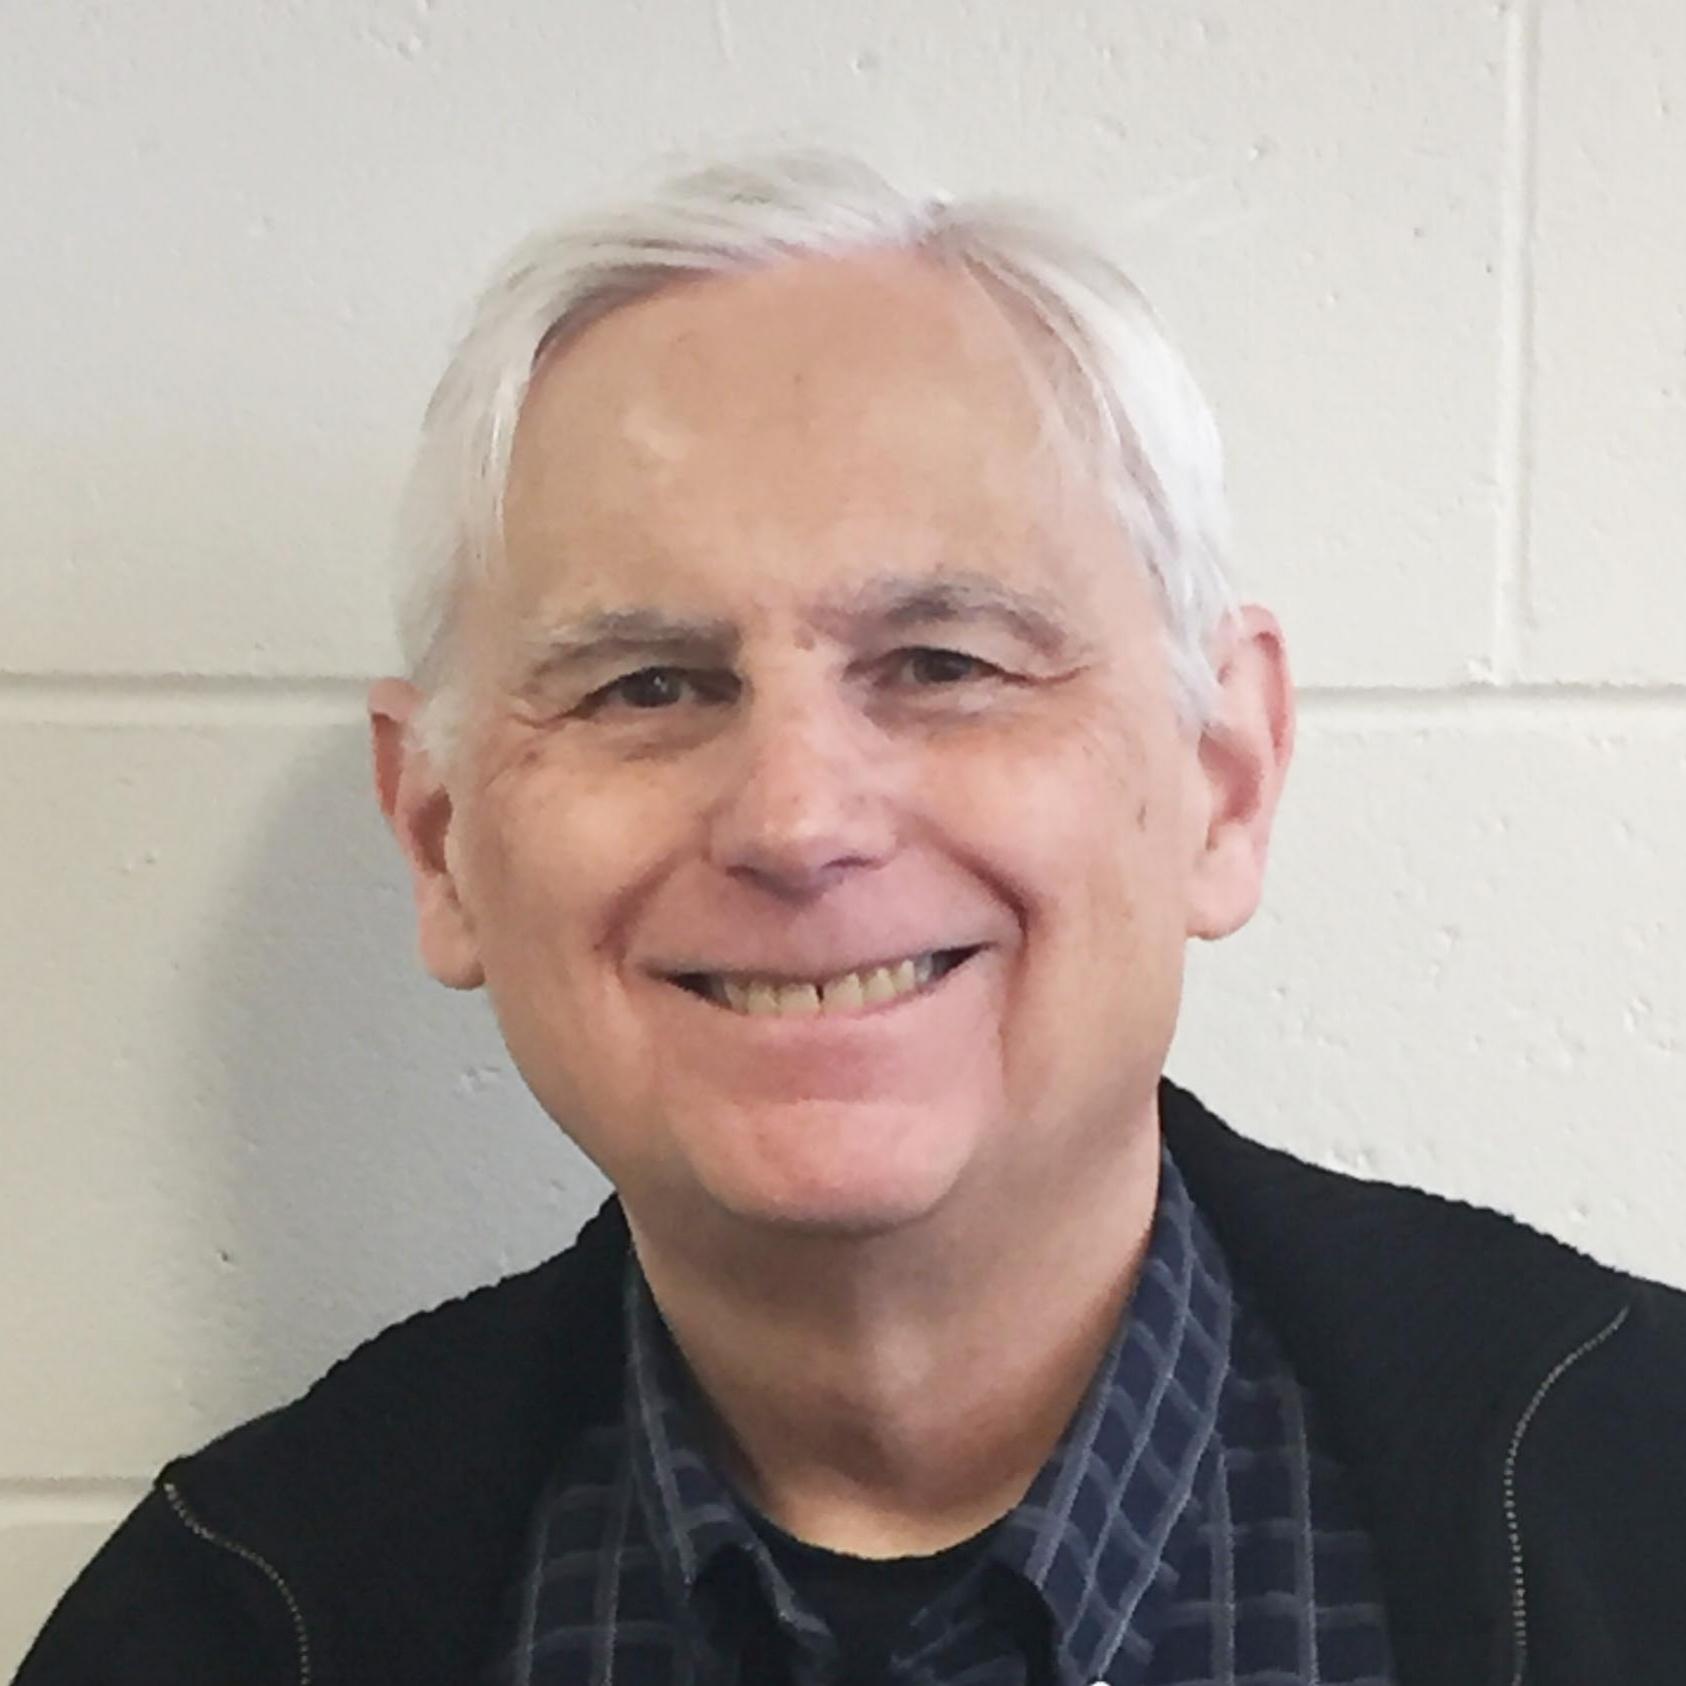 Michael Venaccio   Retired Air Force & Strata  Term expires in 2020